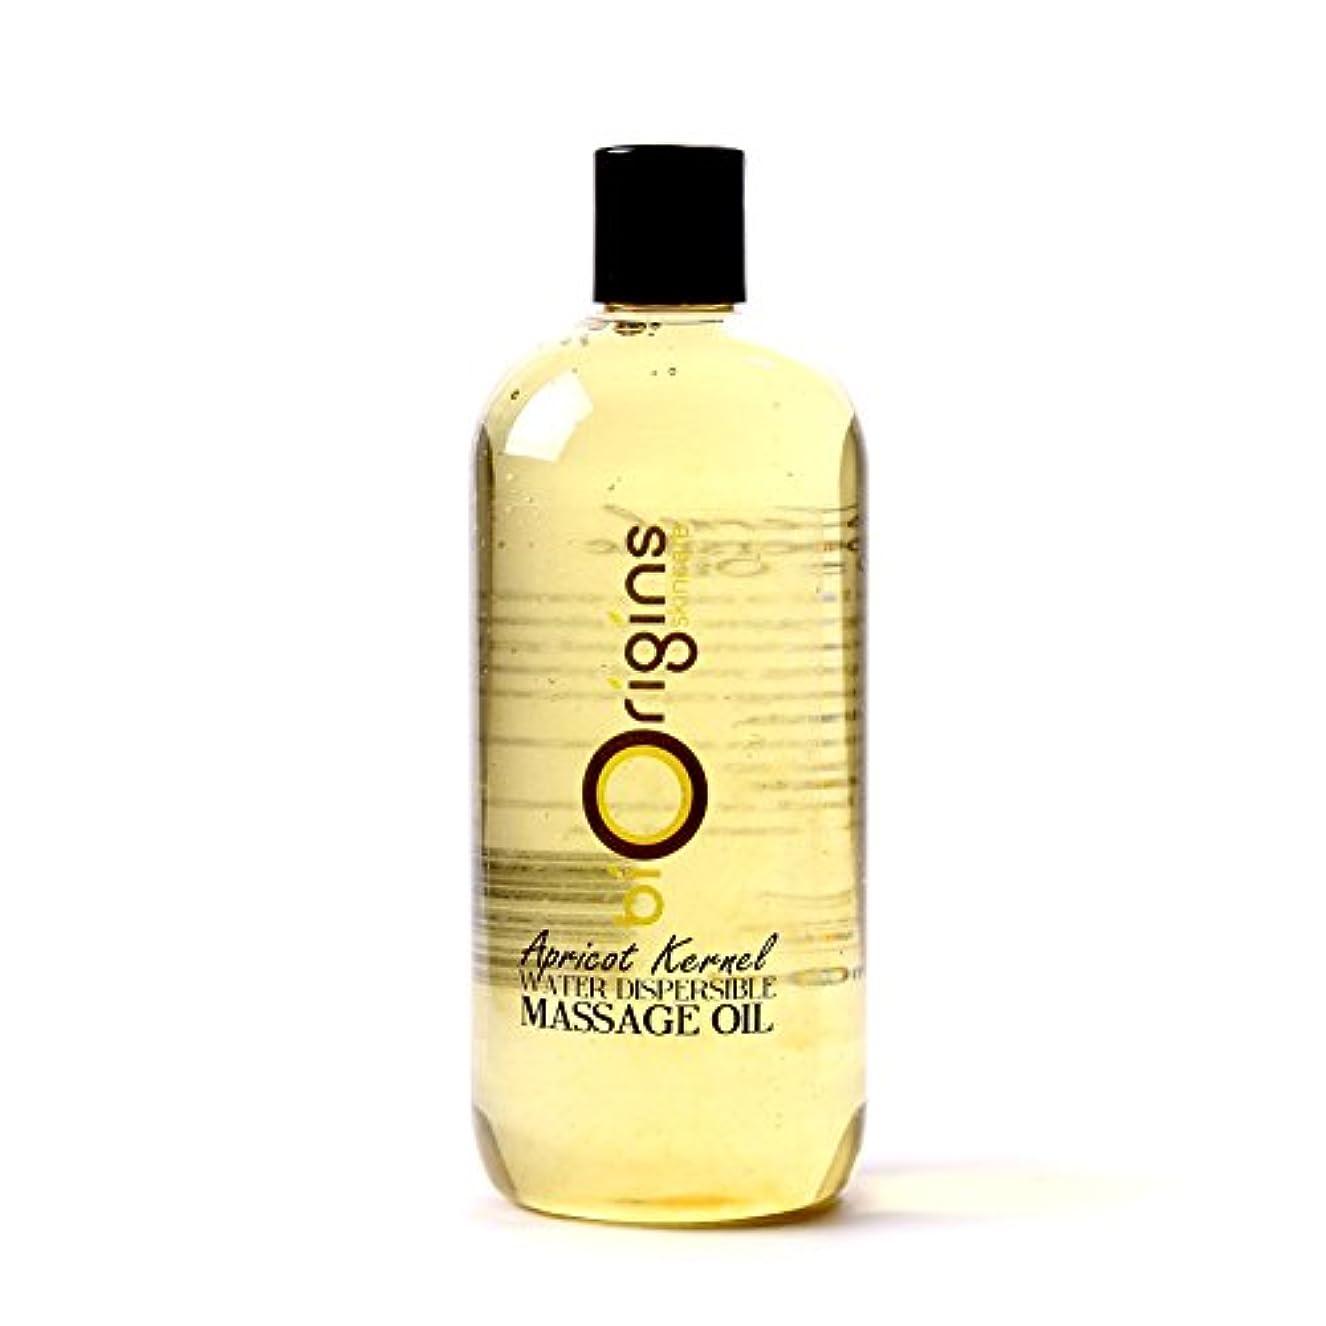 宿題をするこしょう不健康Apricot Kernel Water Dispersible Massage Oil - 1 Litre - 100% Pure